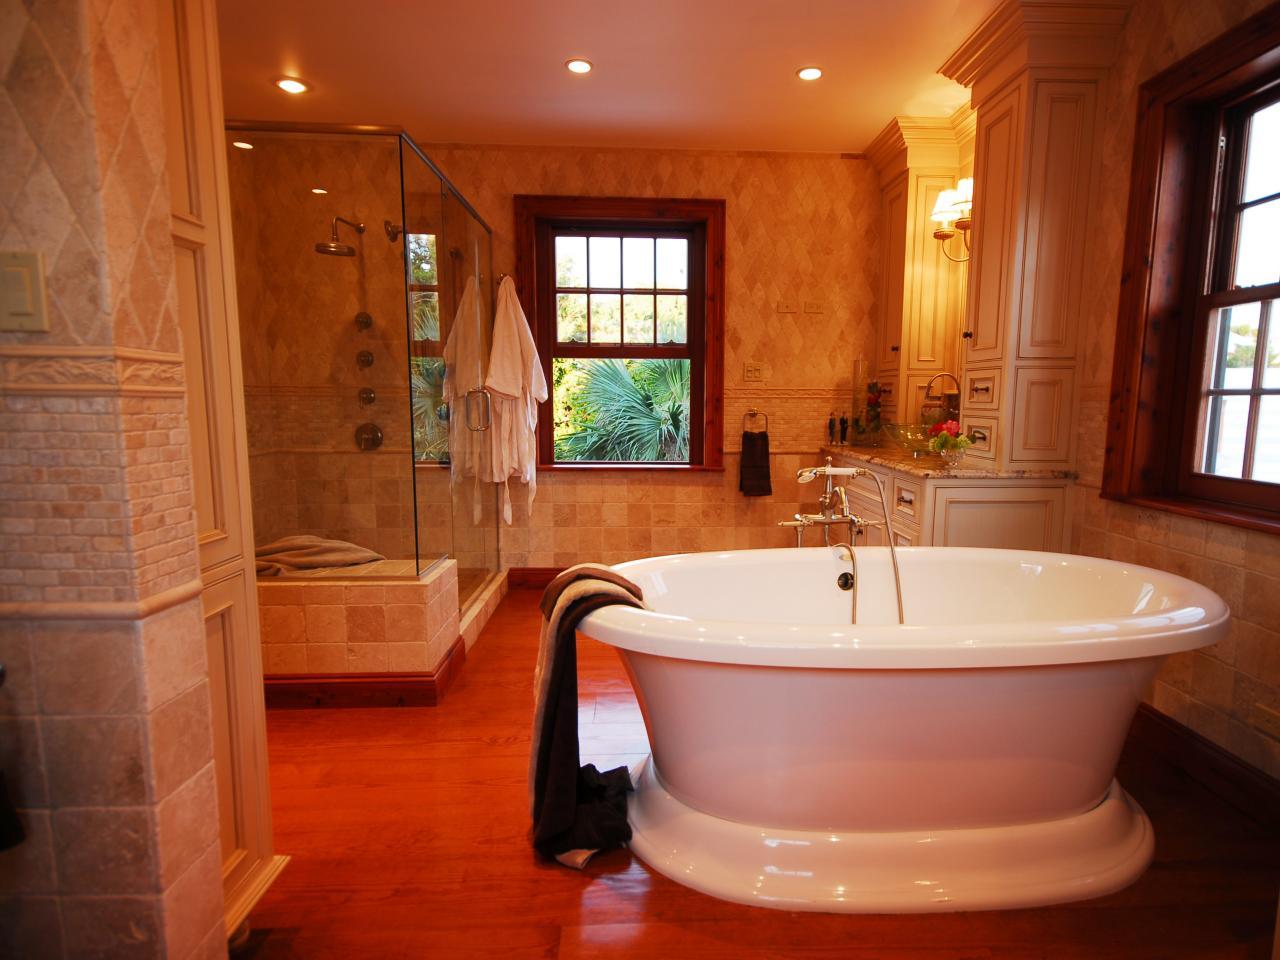 DP_Gladys-Schanstra-freestanding-bathtub_s4x3.jpg.rend.hgtvcom.1280.960